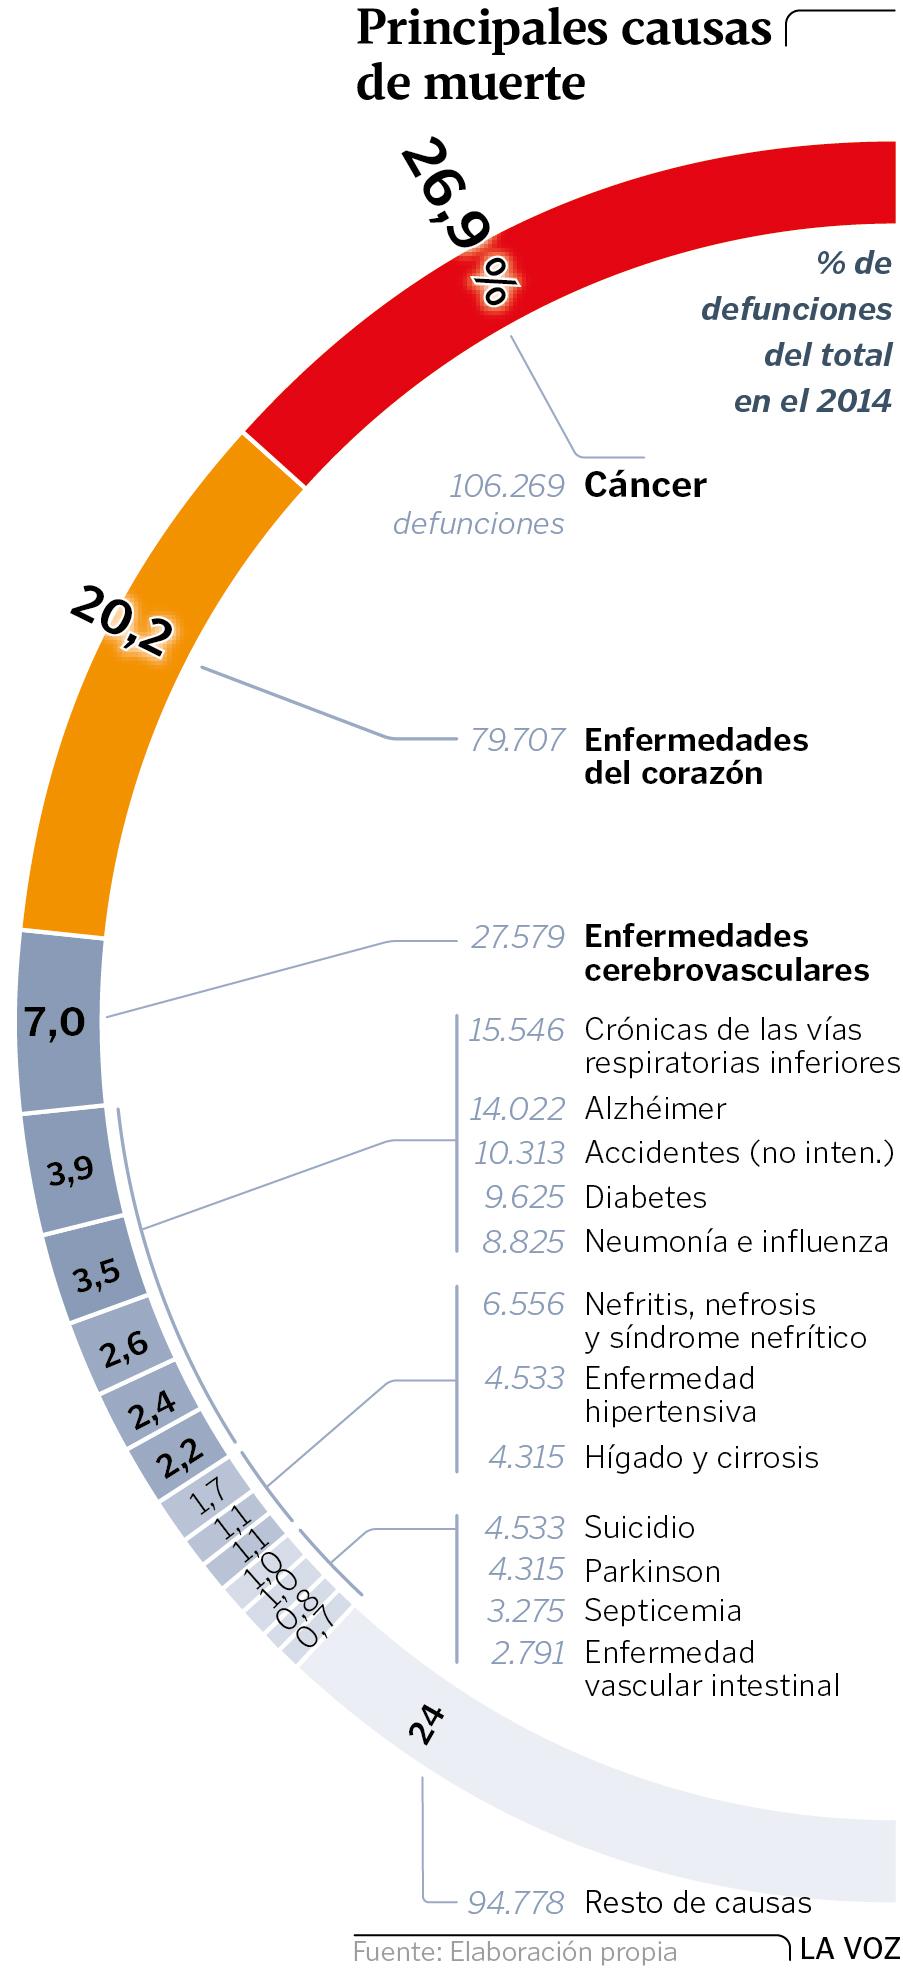 Demografía. España: fecundidad, nupcialidad, natalidad, esperanza media de vida.  - Página 2 Gg25p26g1-01